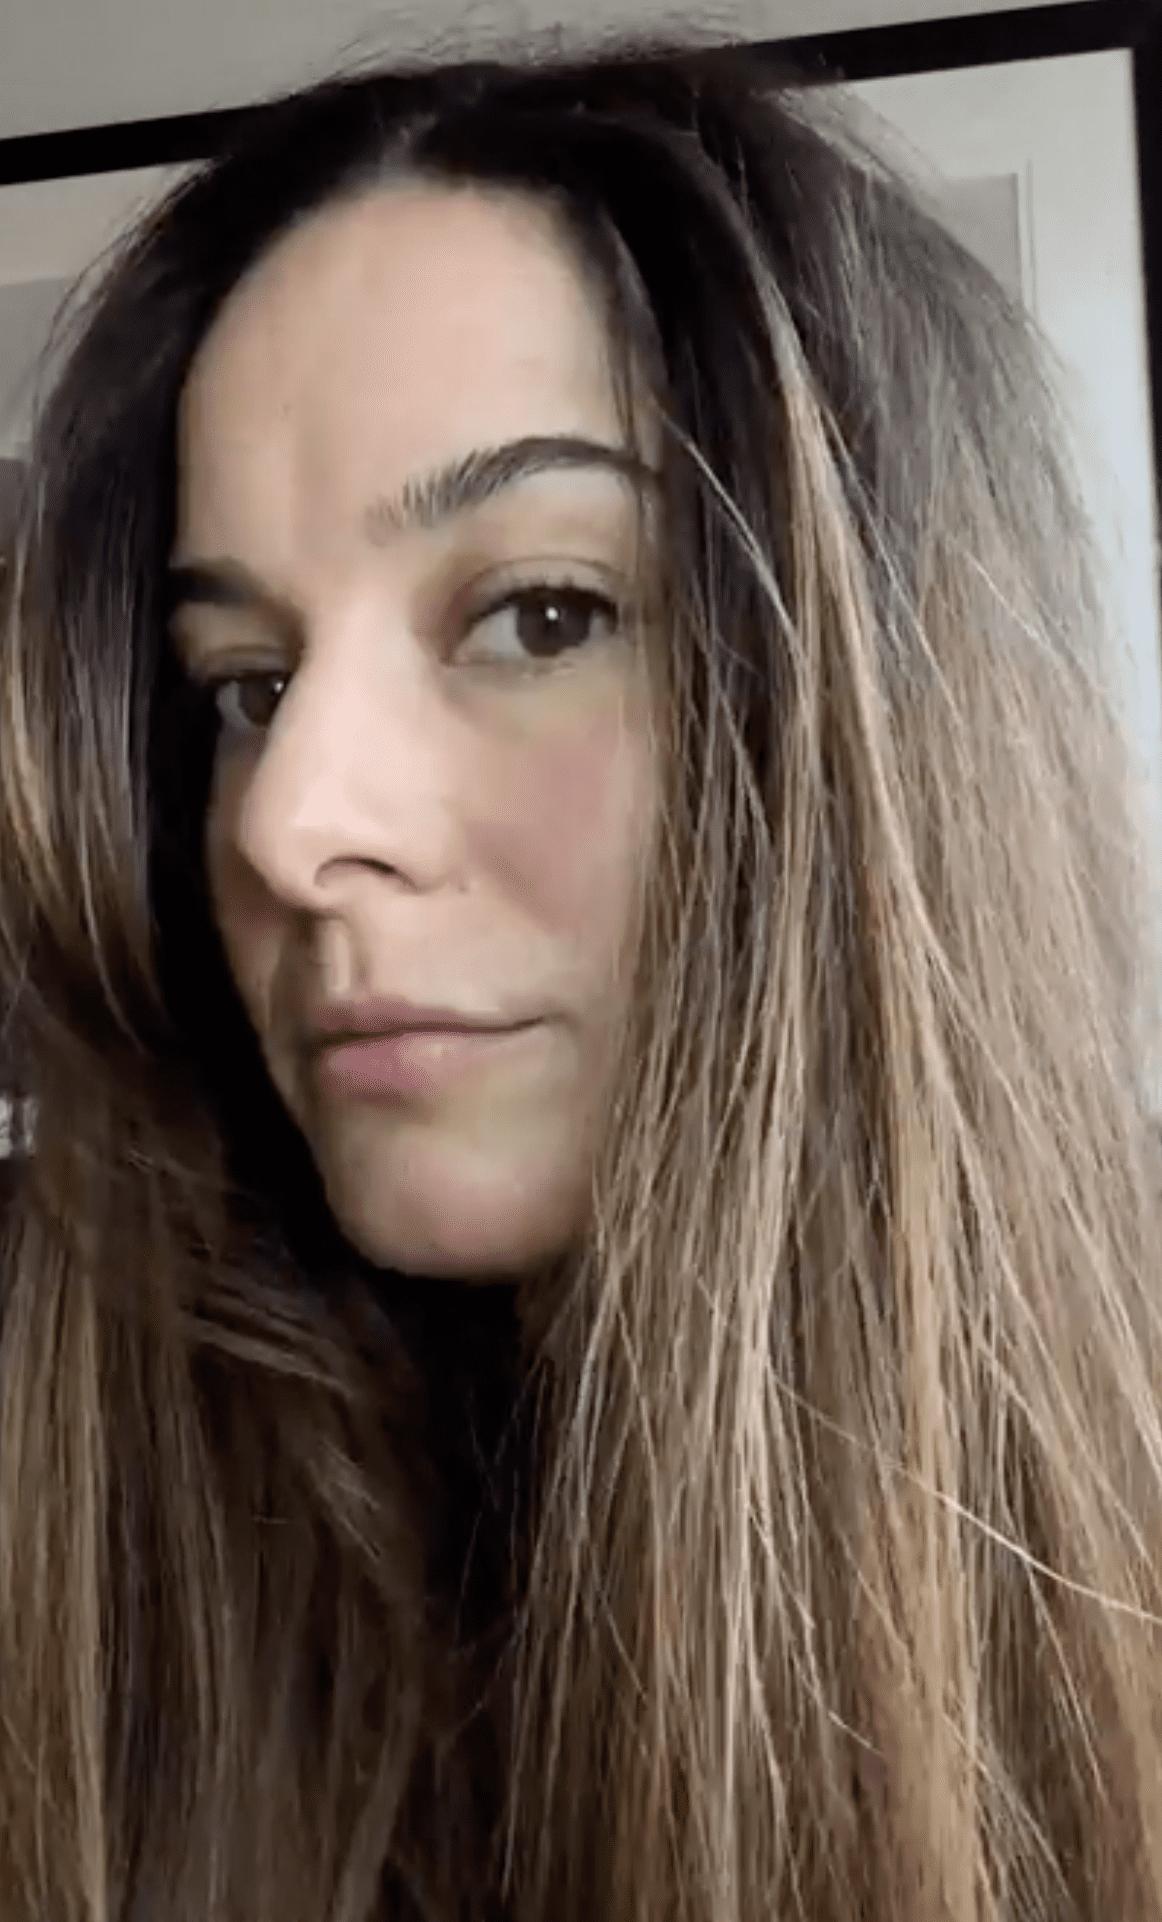 Makeup Artist Jenna Menard's Final Tightlining Look